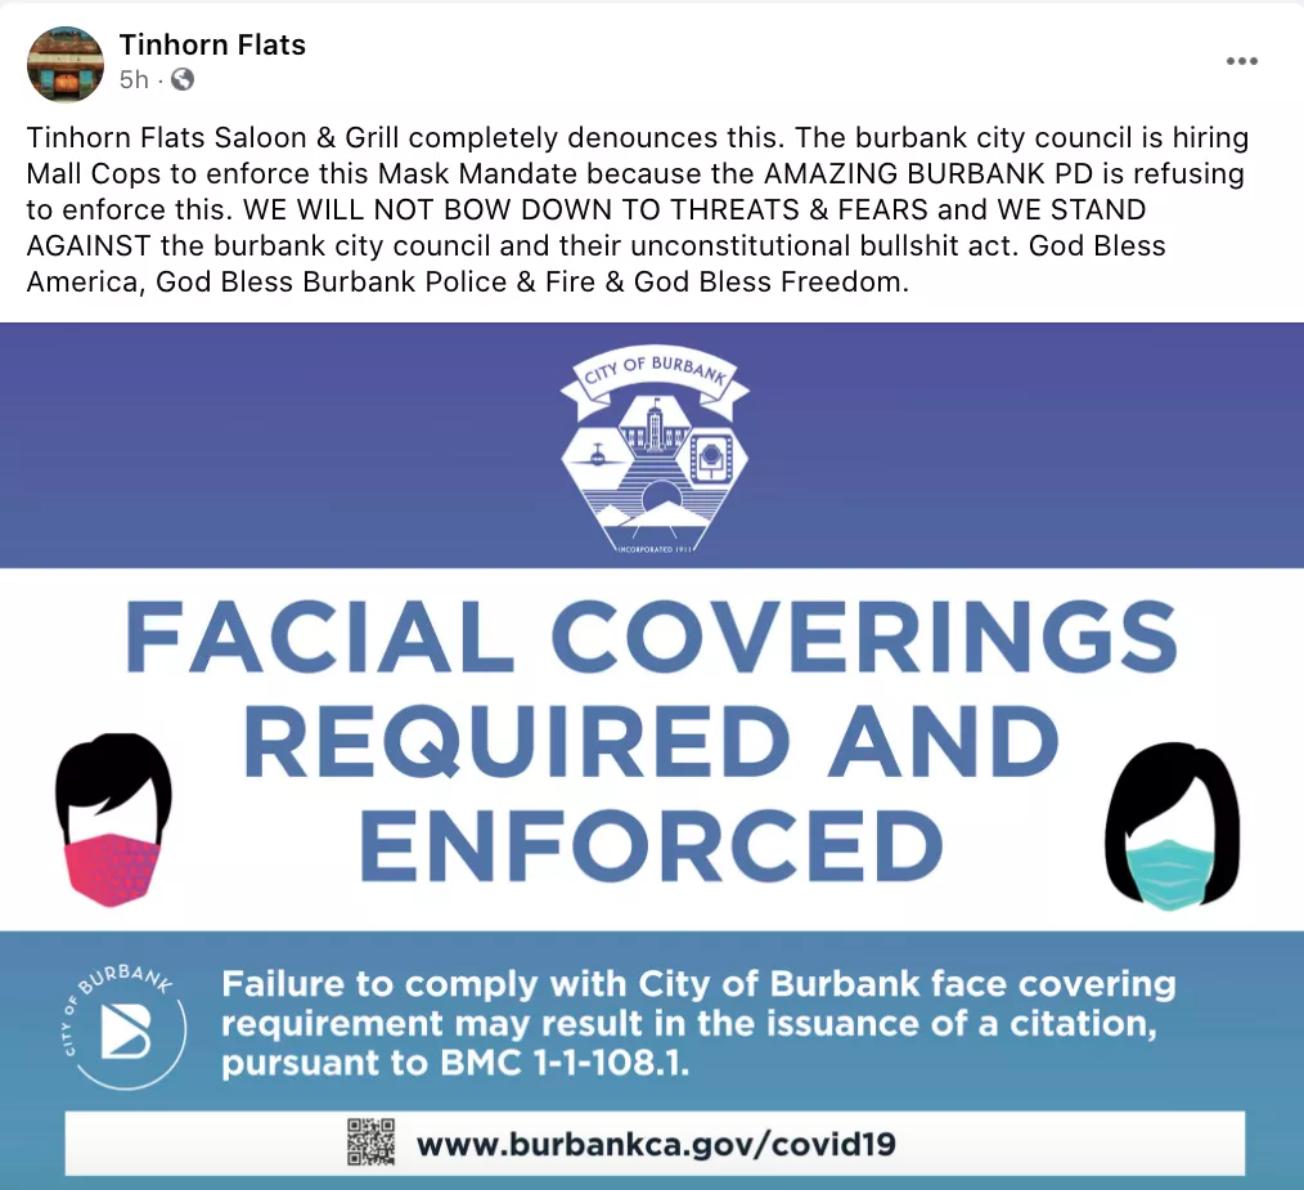 一名運動酒吧老闆在其社交平台上抨擊政府的口罩令。臉書截圖